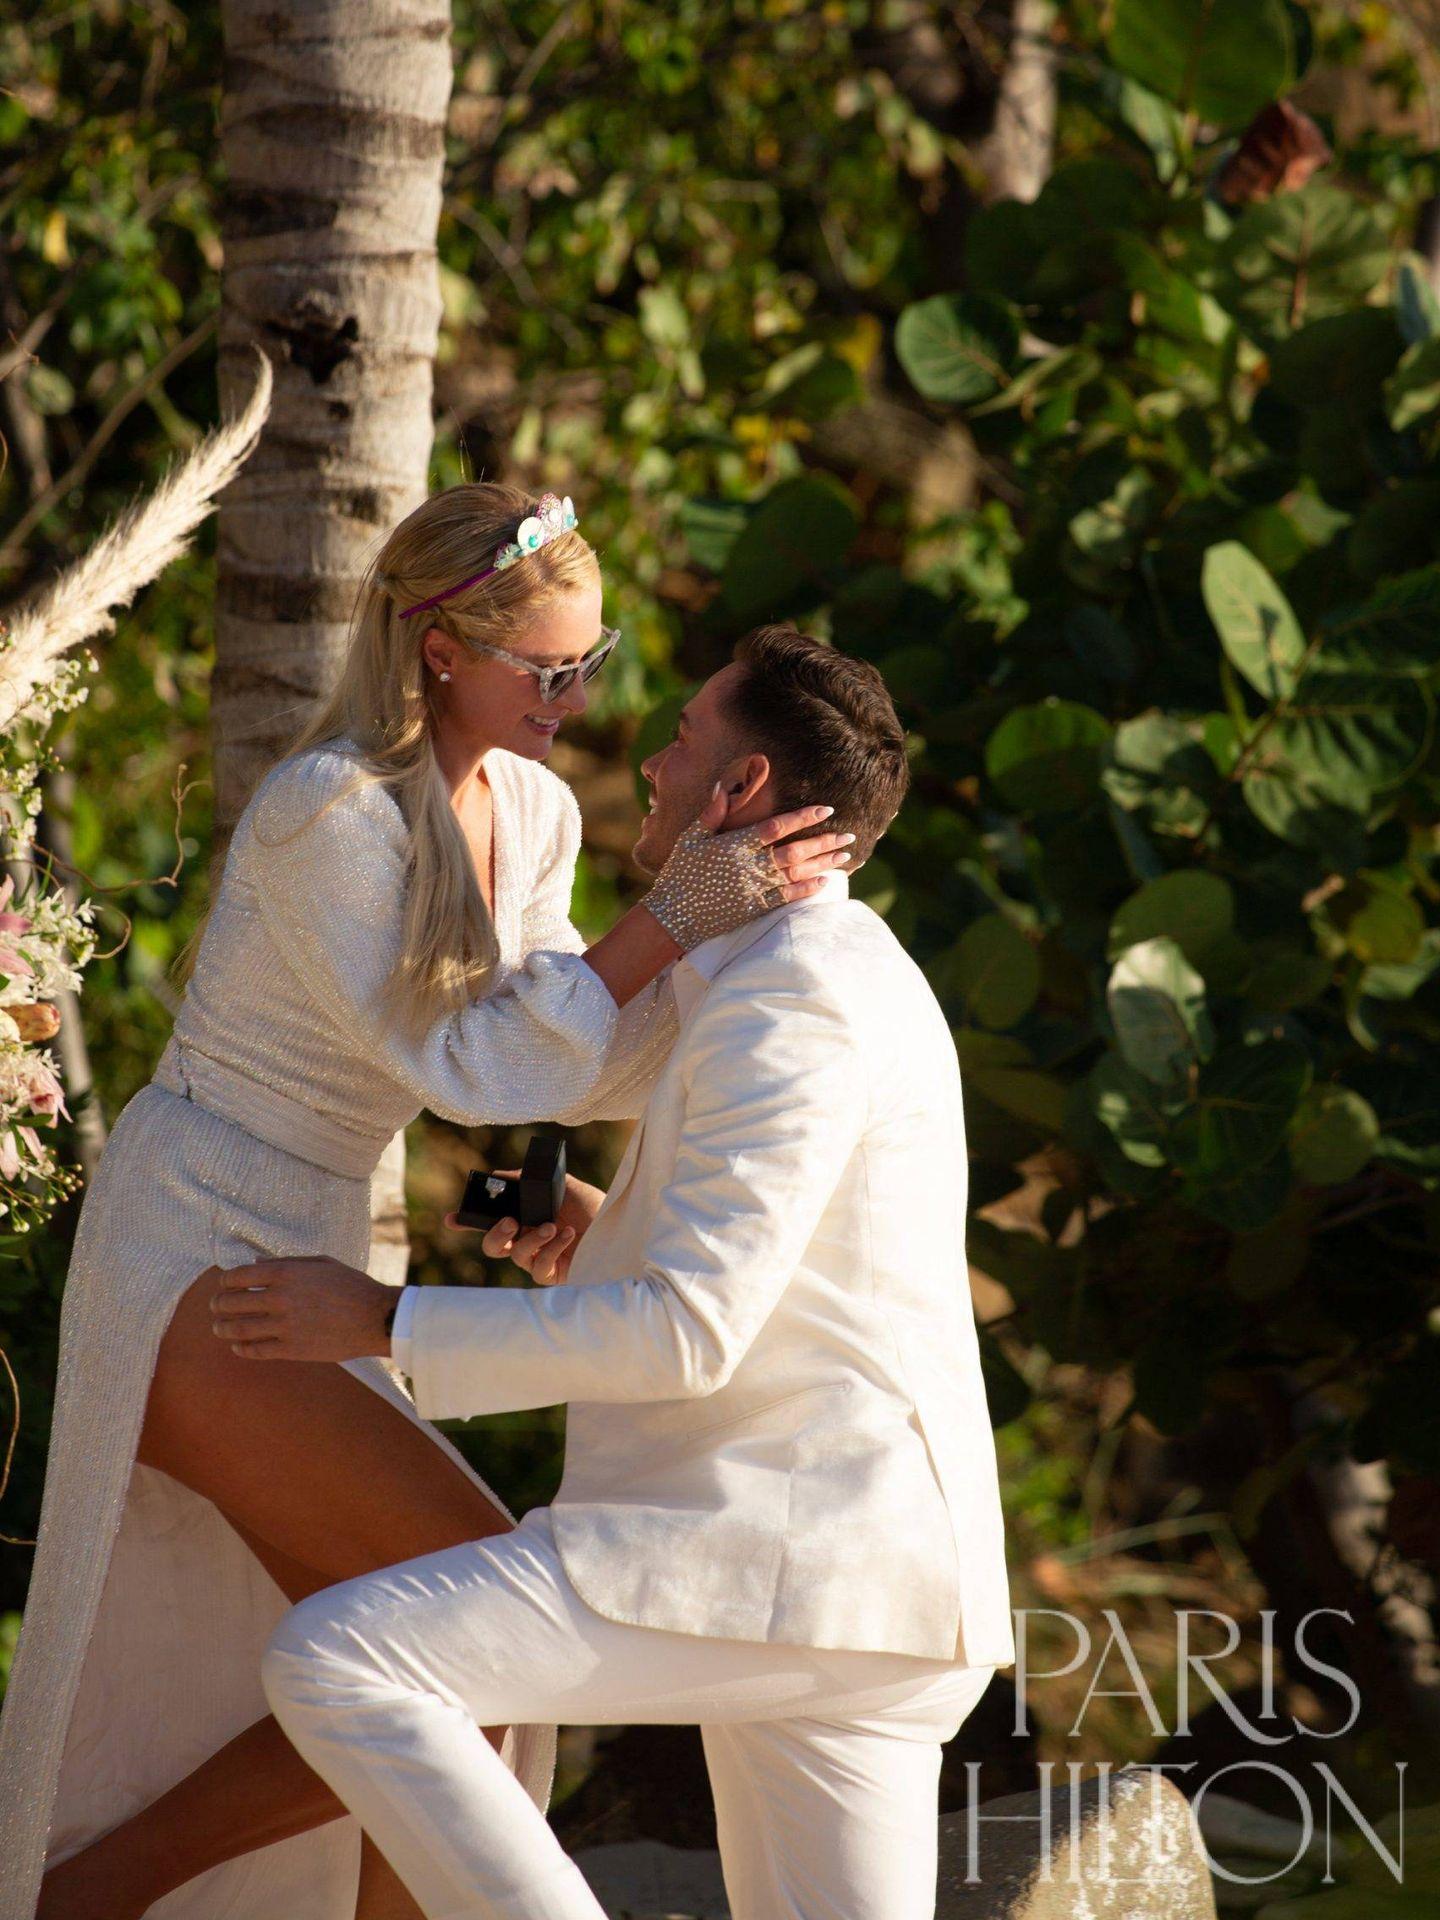 Paris Hilton y su prometido en una imagen en la que se puede apreciar el fabuloso anillo de compromiso. (Cortesía ParisHilton.com)